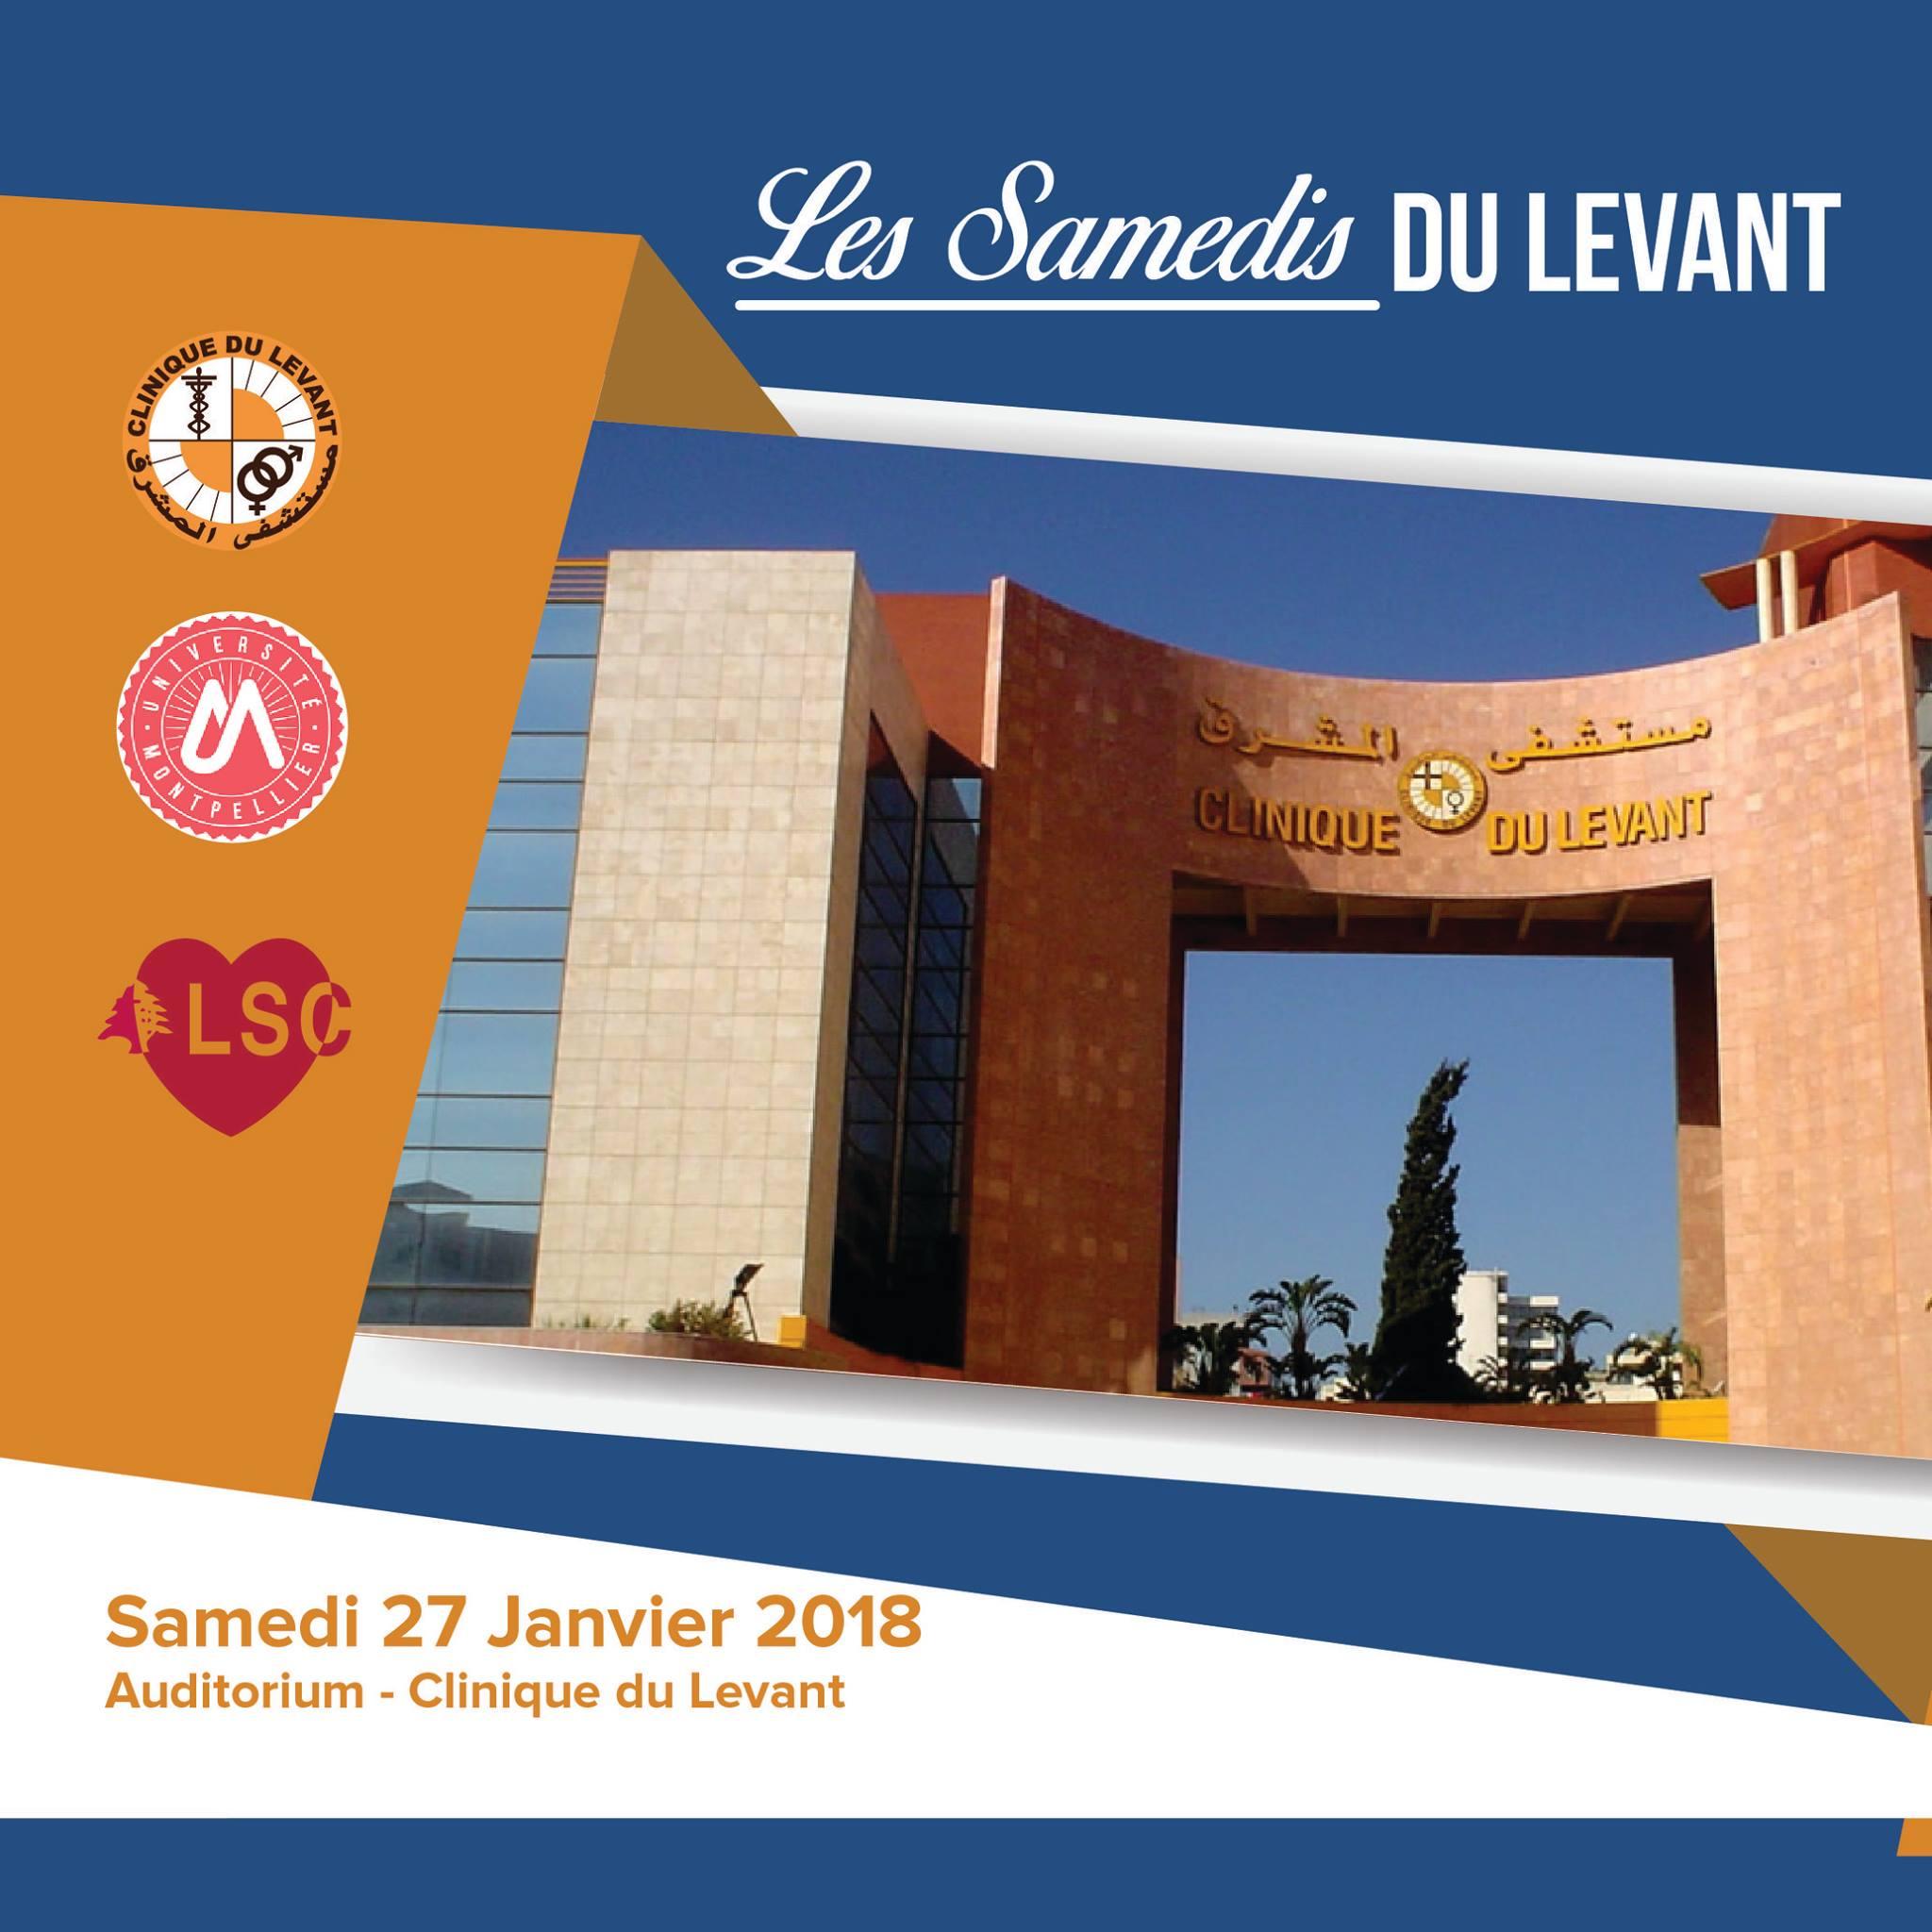 Les Samedis Du Levant 2018